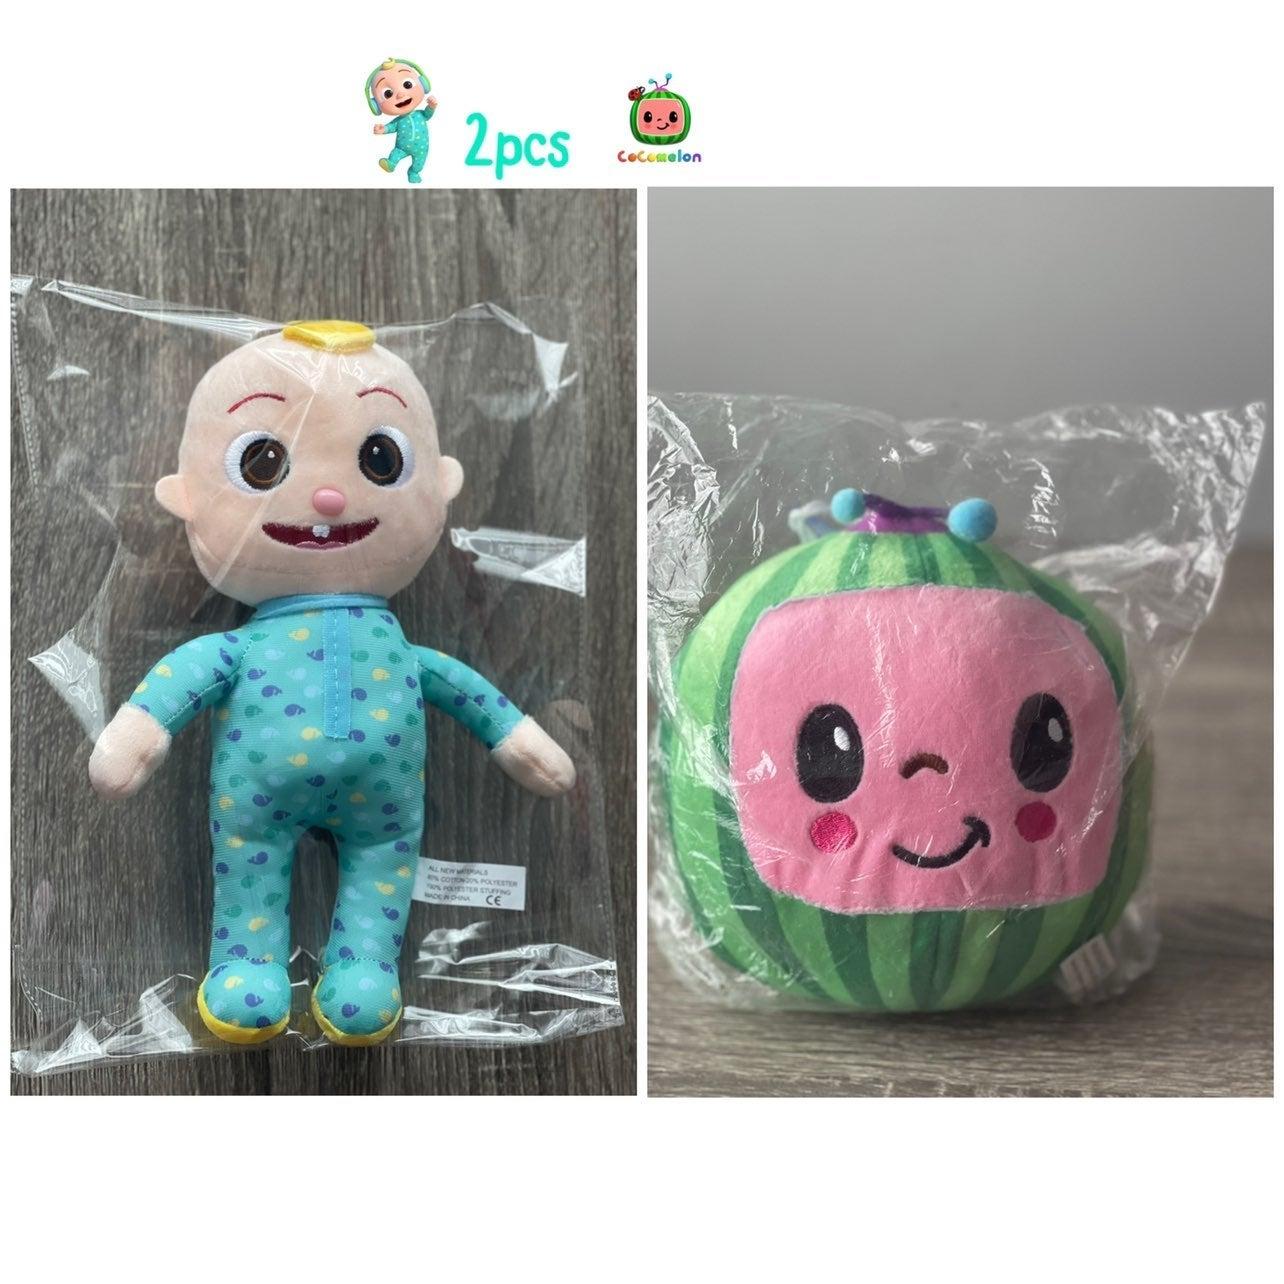 Cocomelon 2pcs JJ Doll and Watermelon.